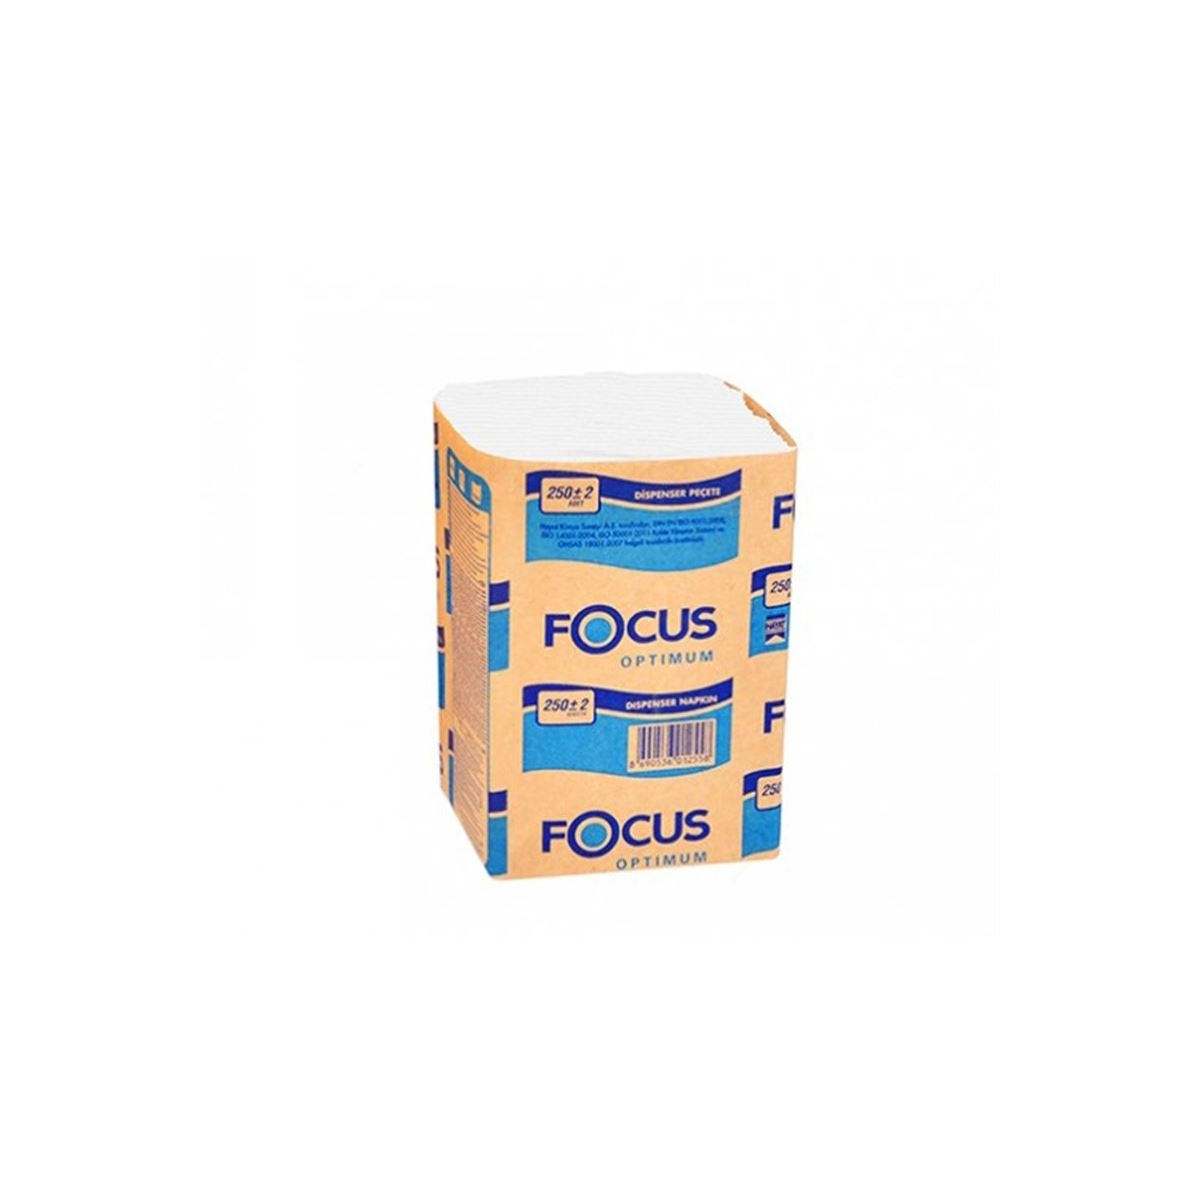 Focus Optimum Dispenser Peçete 250*18 resmi